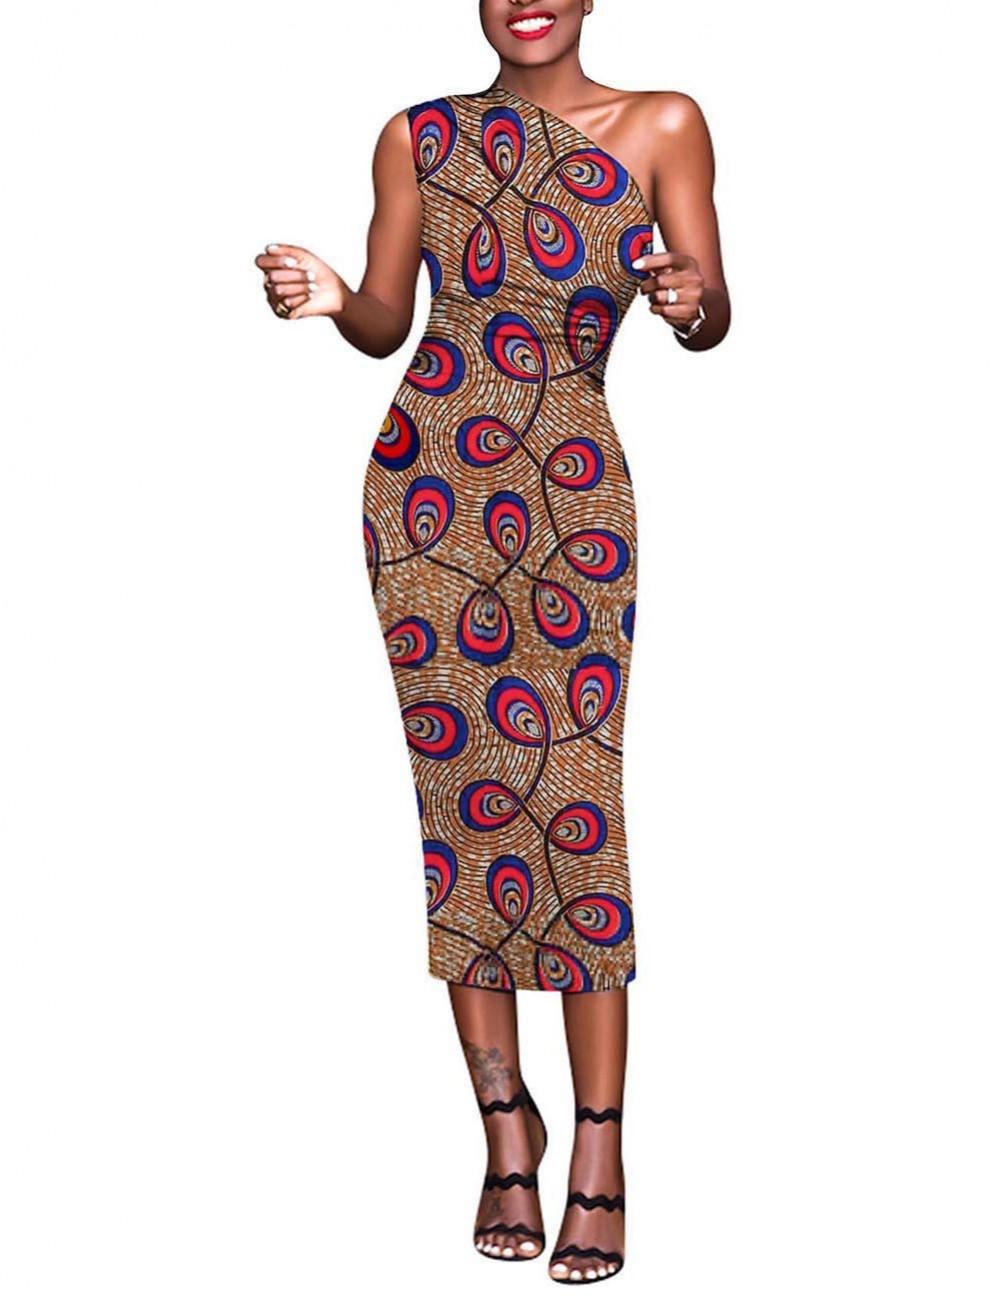 Formal Slant Shoulder Brushed Print Bodycon Dress Preventing Sweat